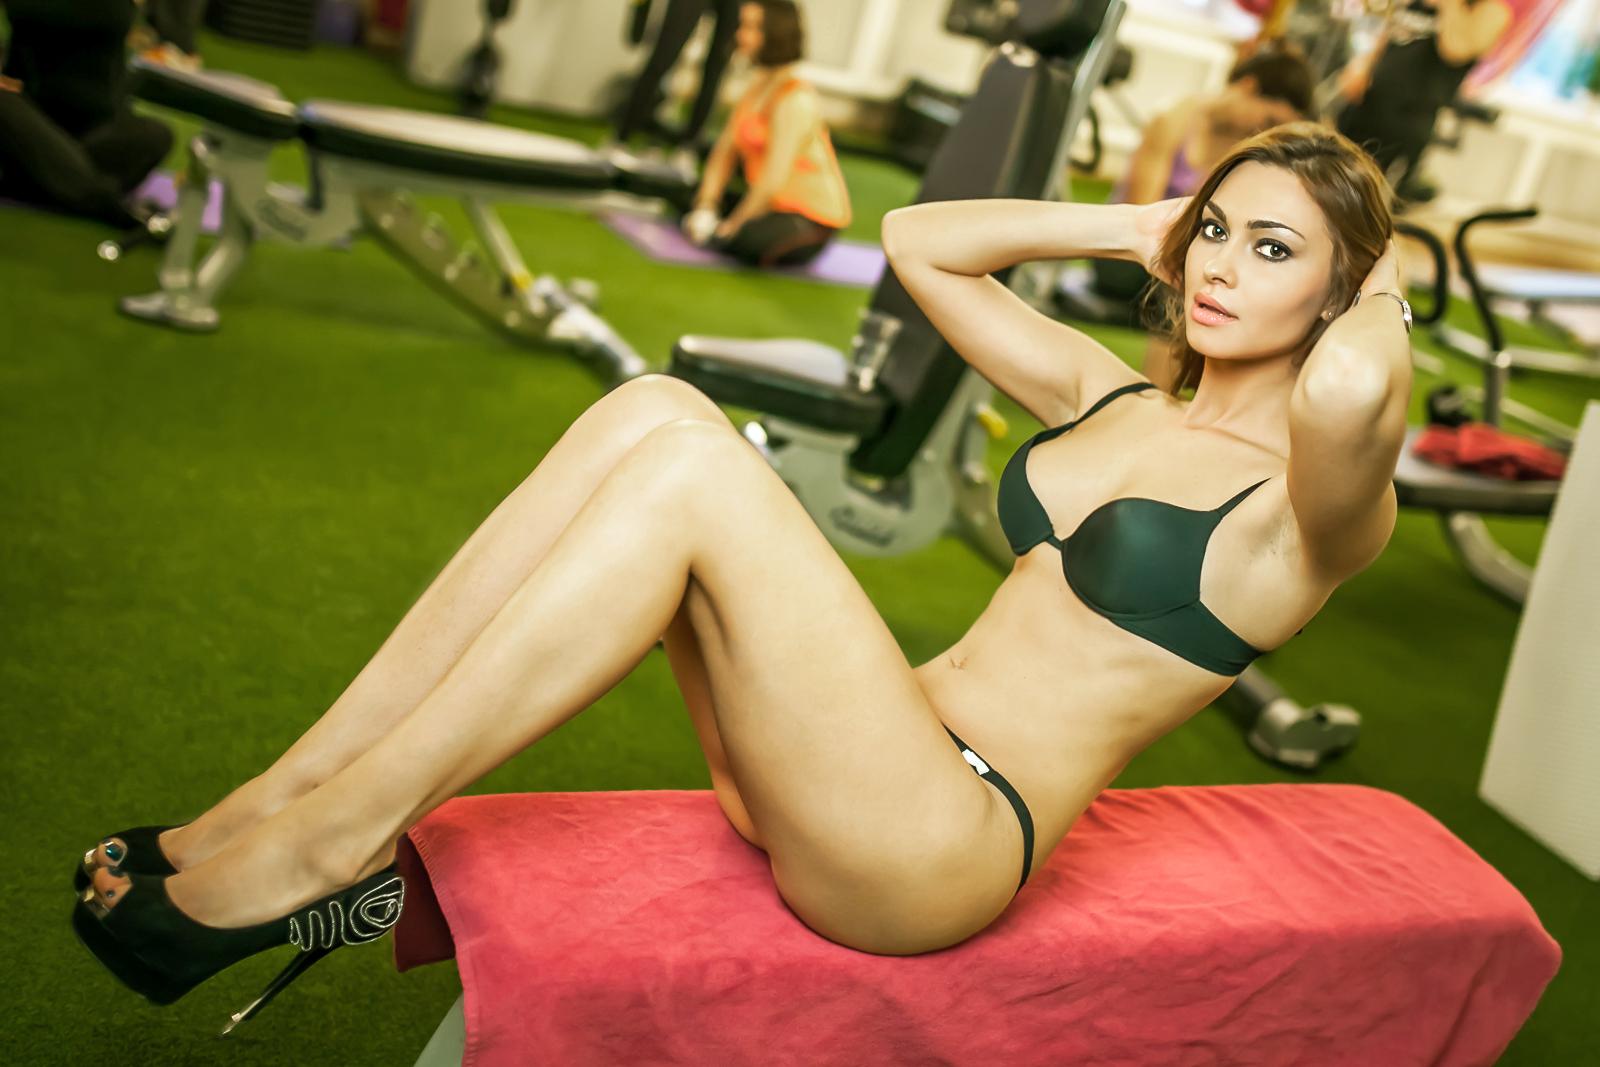 Фото девушек в фитнес зале, Спортивные девушки (37 фото) 3 фотография